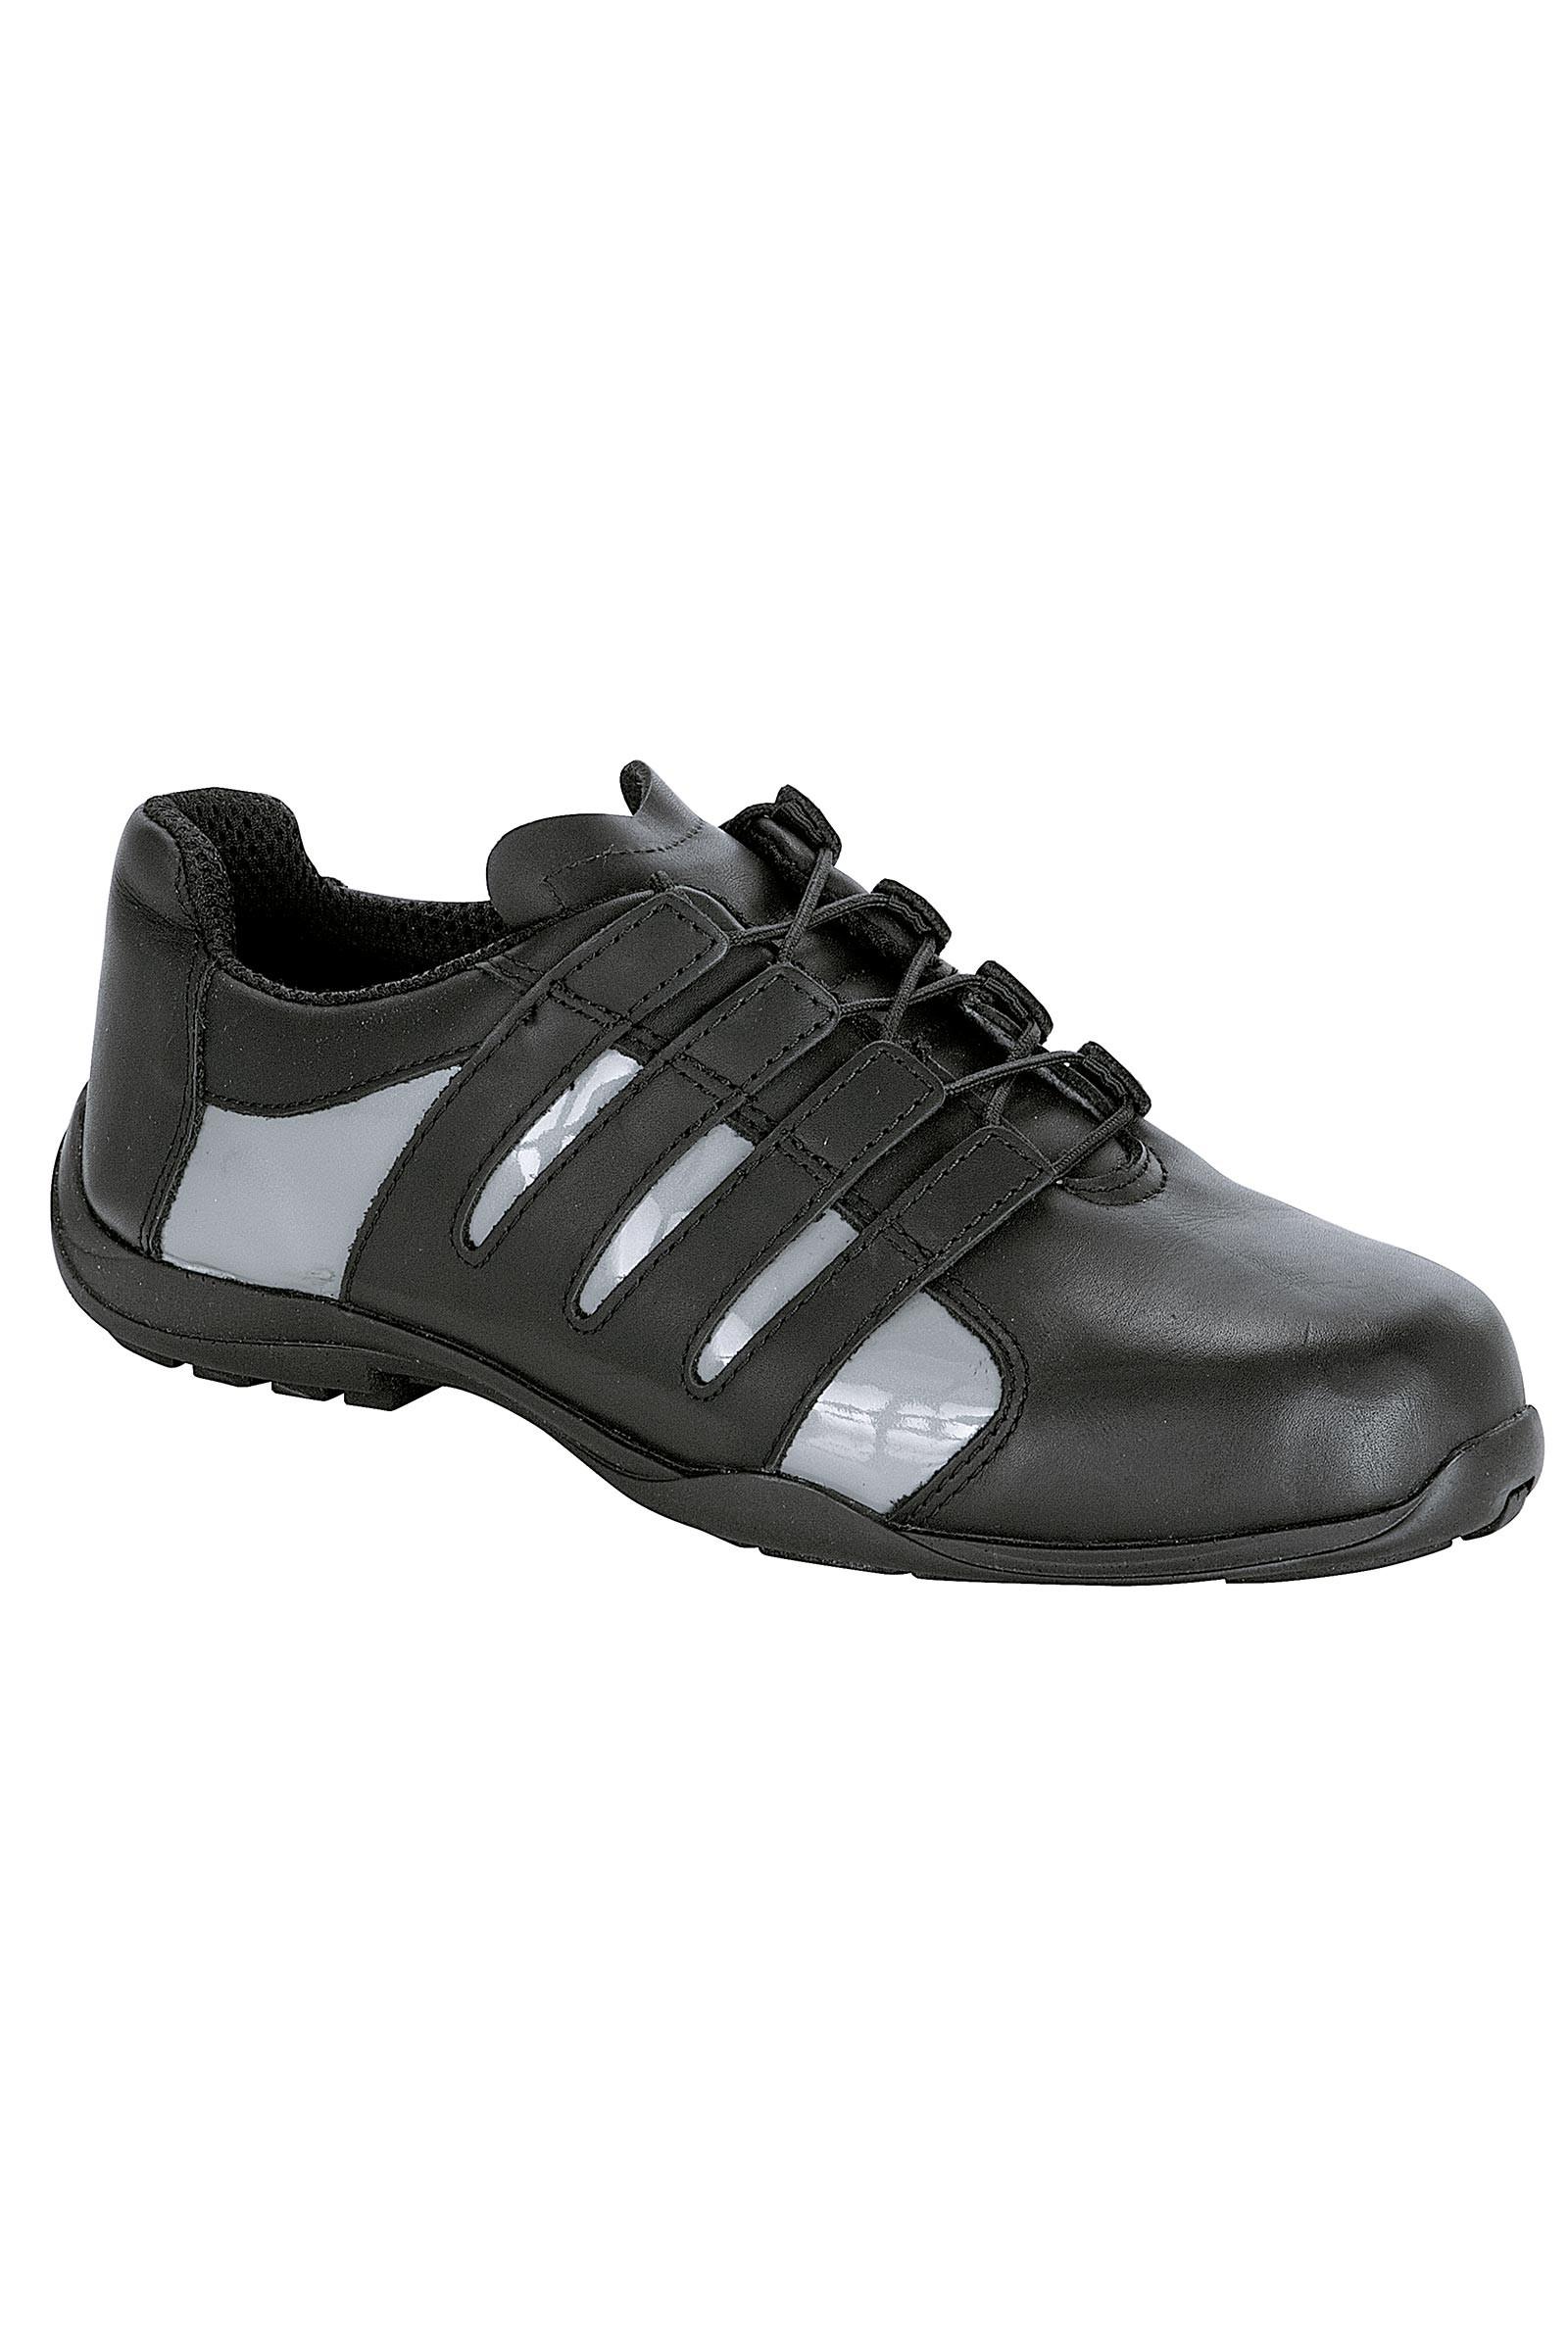 chaussure legere homme great chaussure legere de marche chaussures grande randonne homme gore. Black Bedroom Furniture Sets. Home Design Ideas